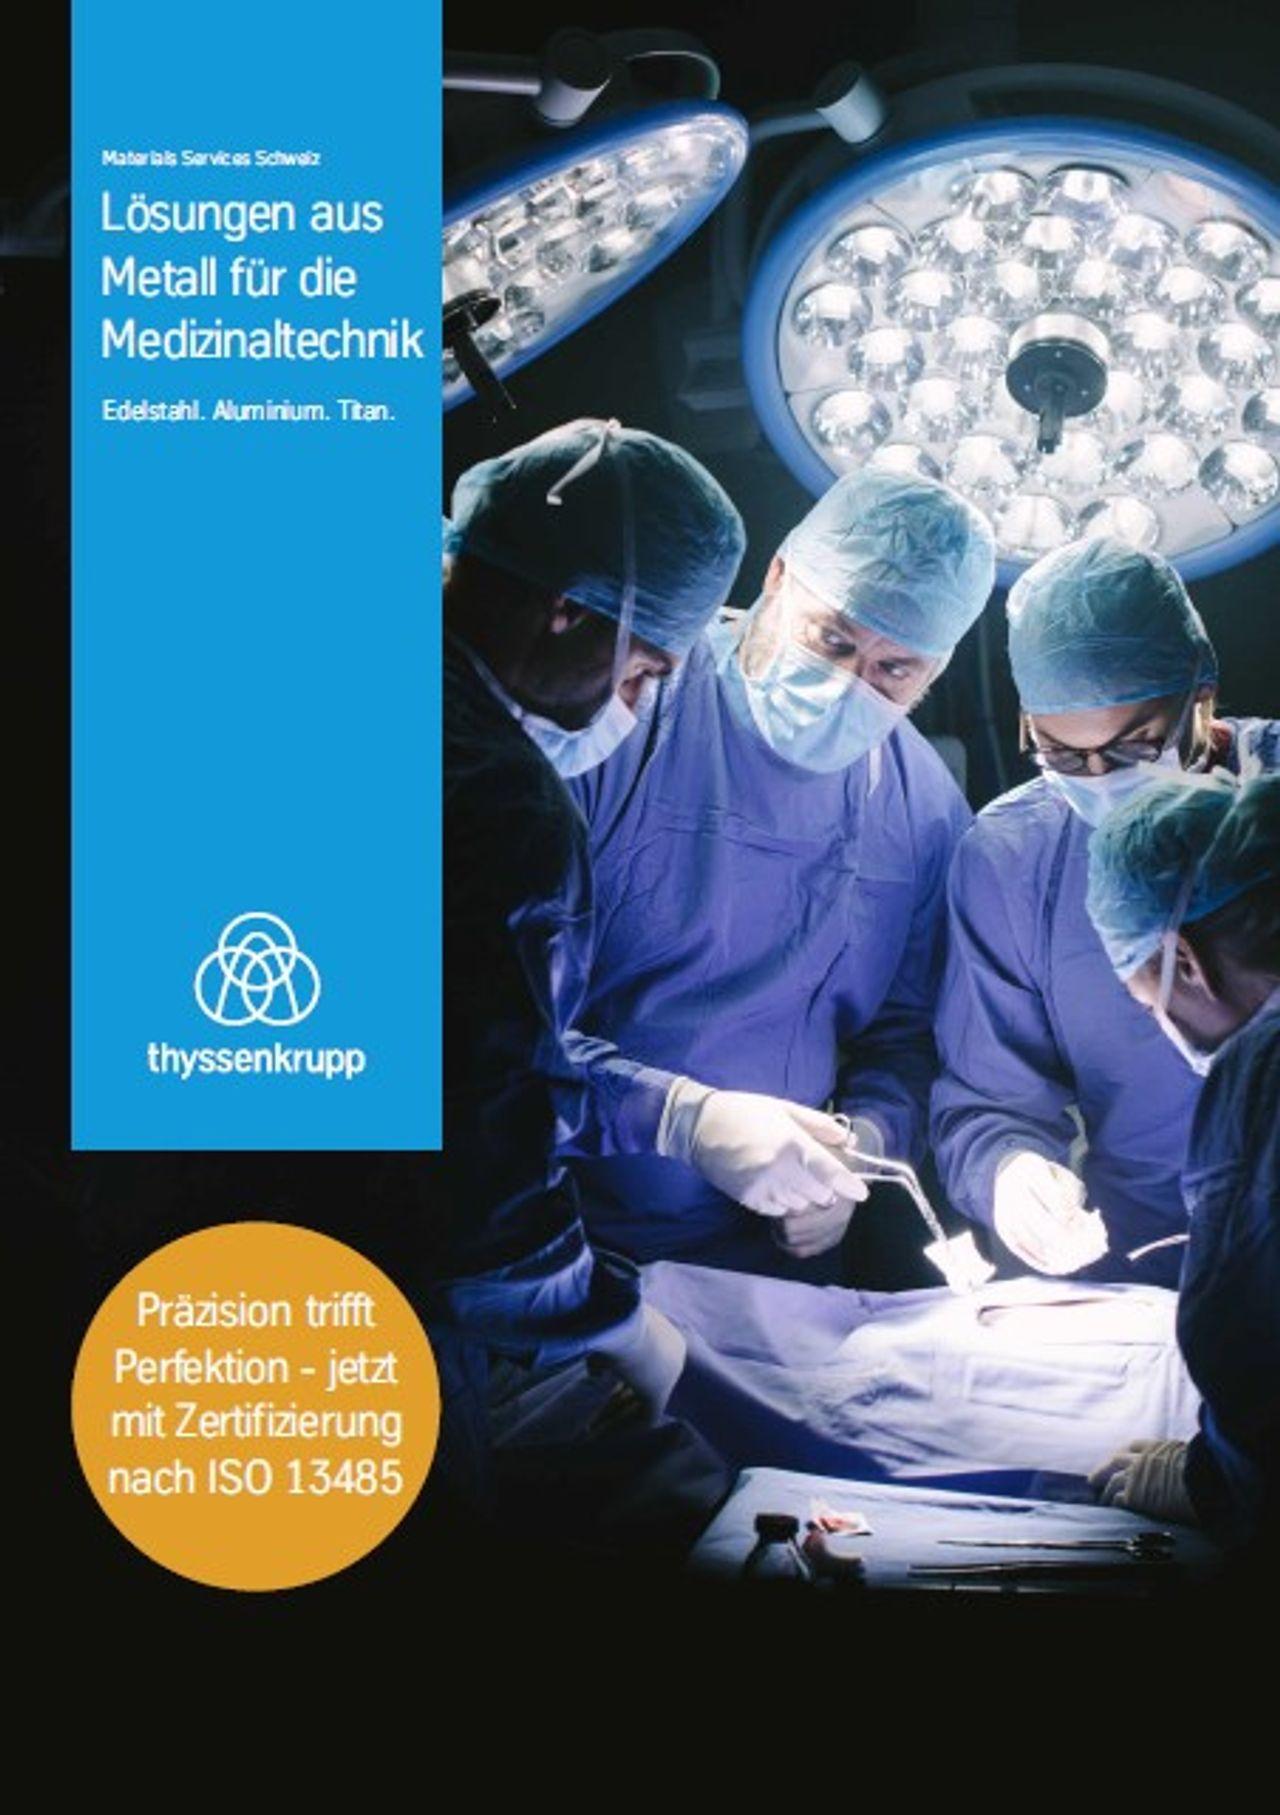 Lösungen aus Metall für die Medizinaltechnik